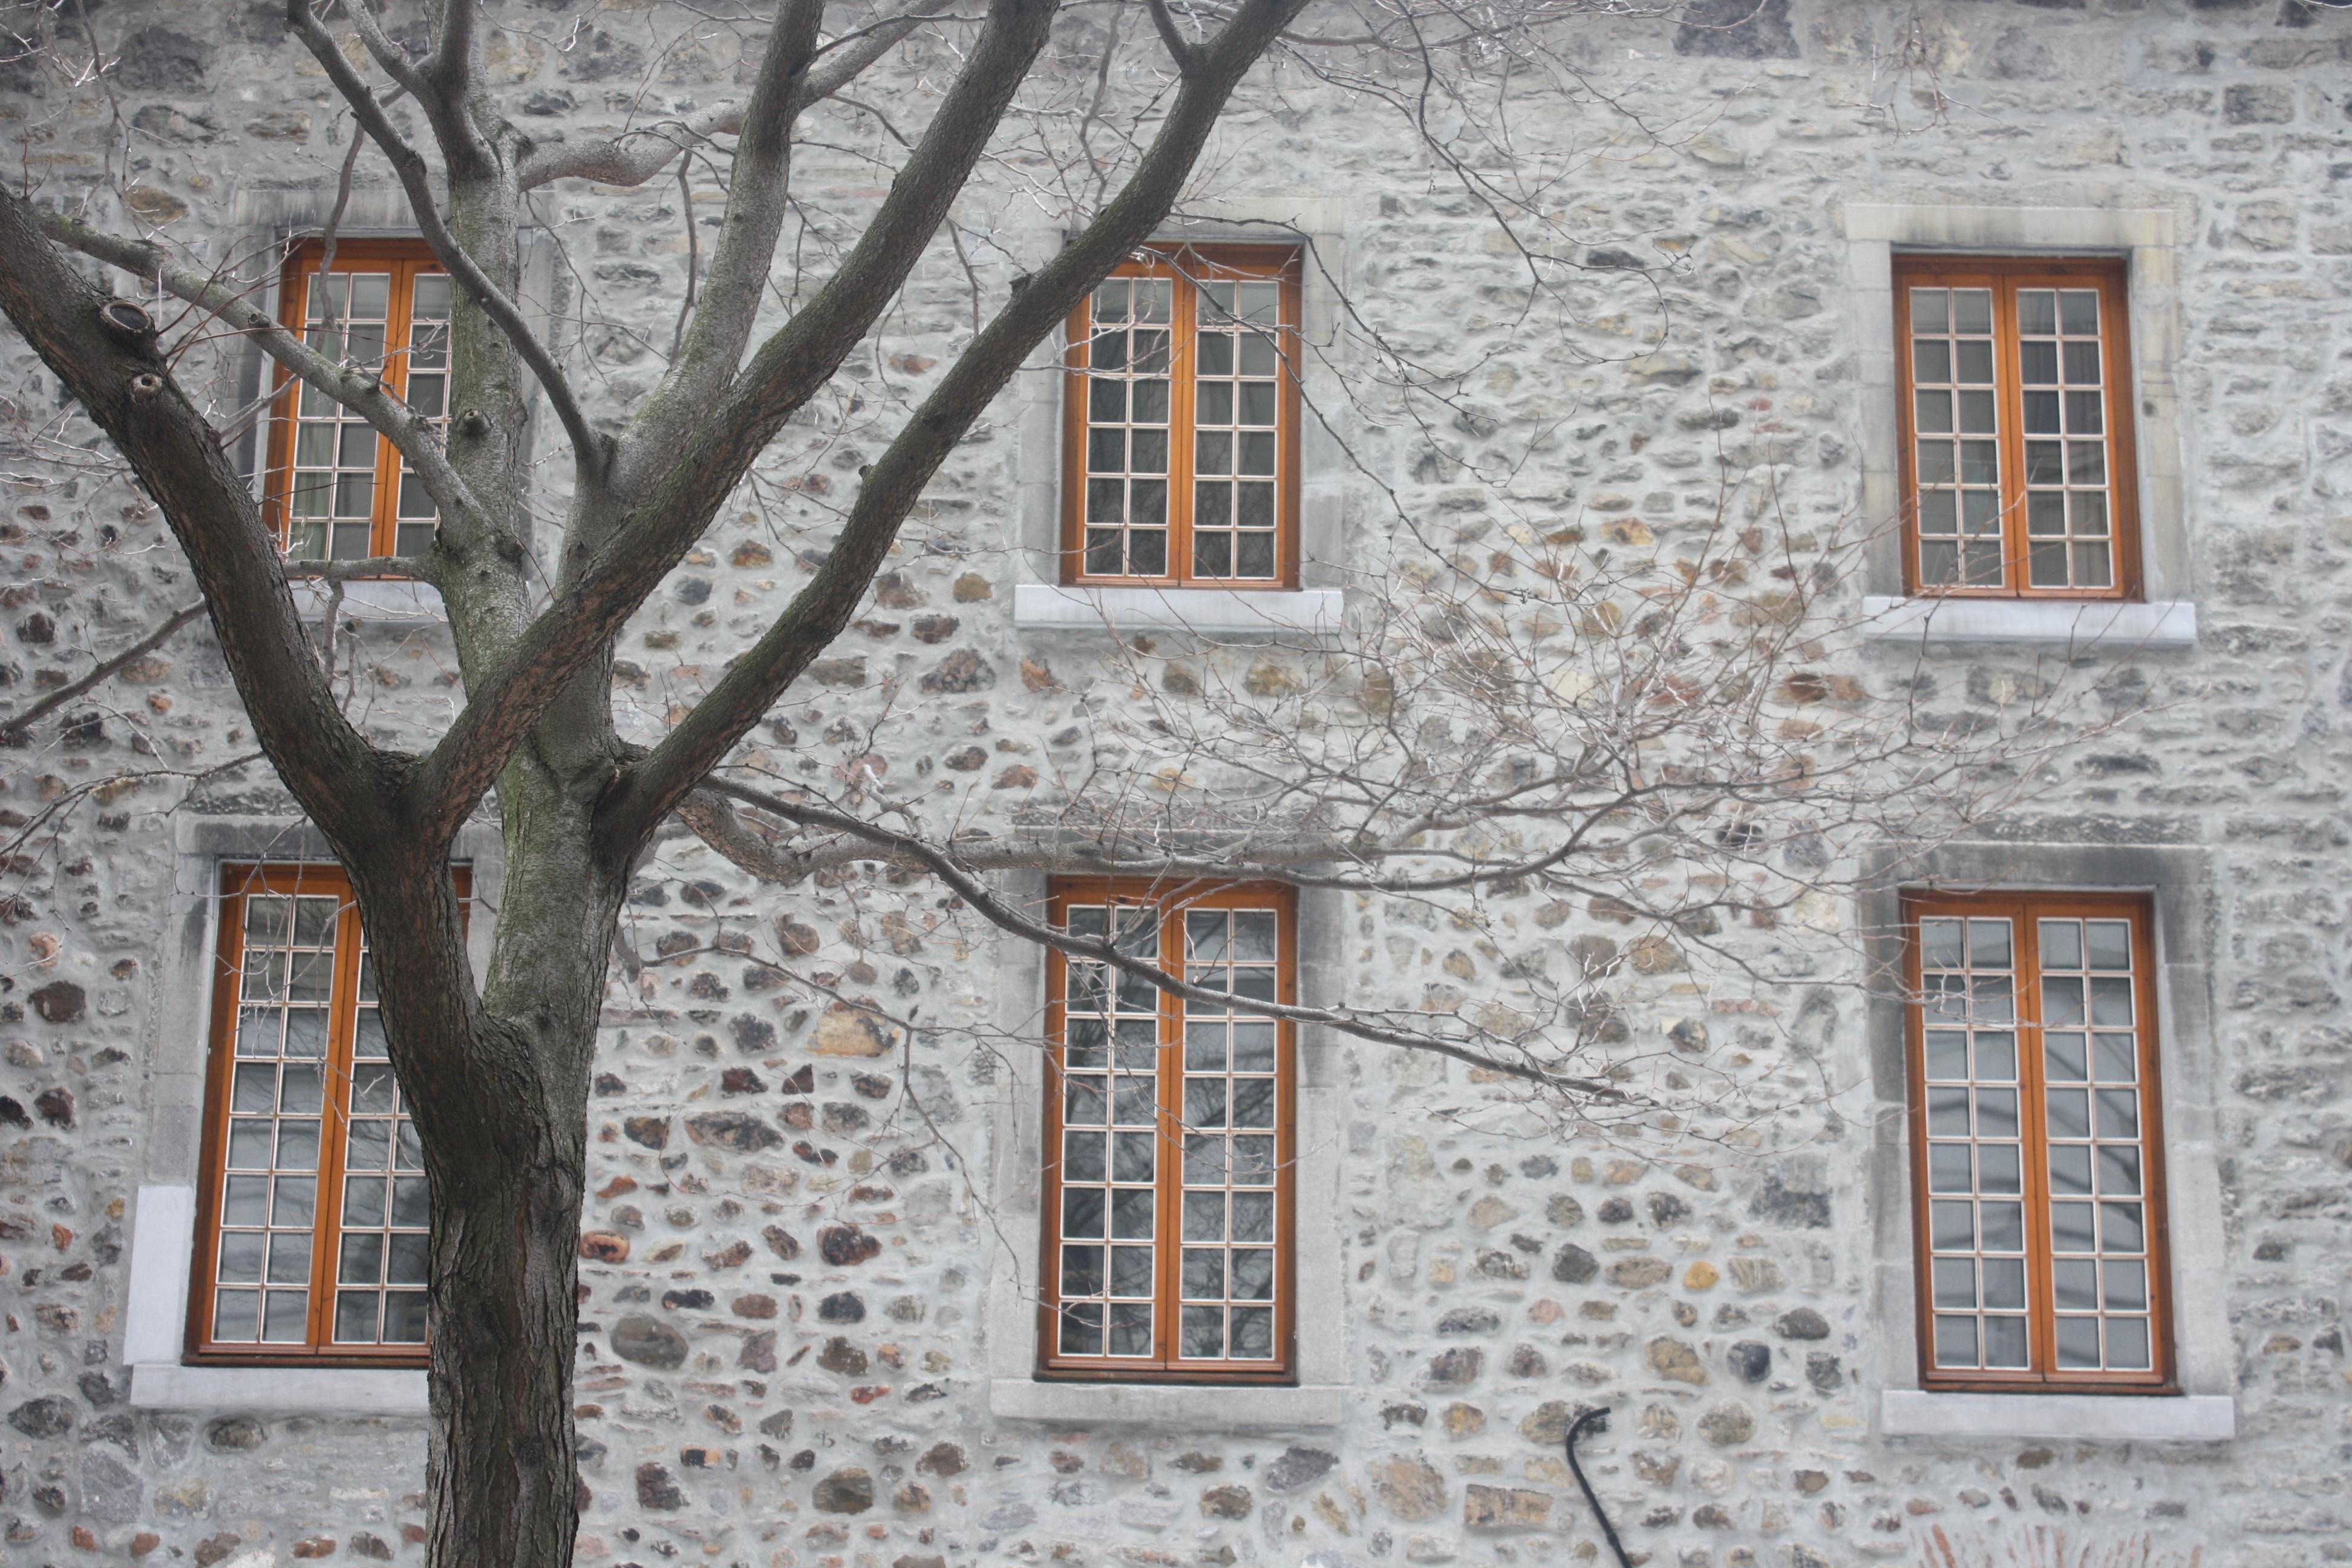 Syenite Building Stones : Images gratuites structure antique maison fenêtre